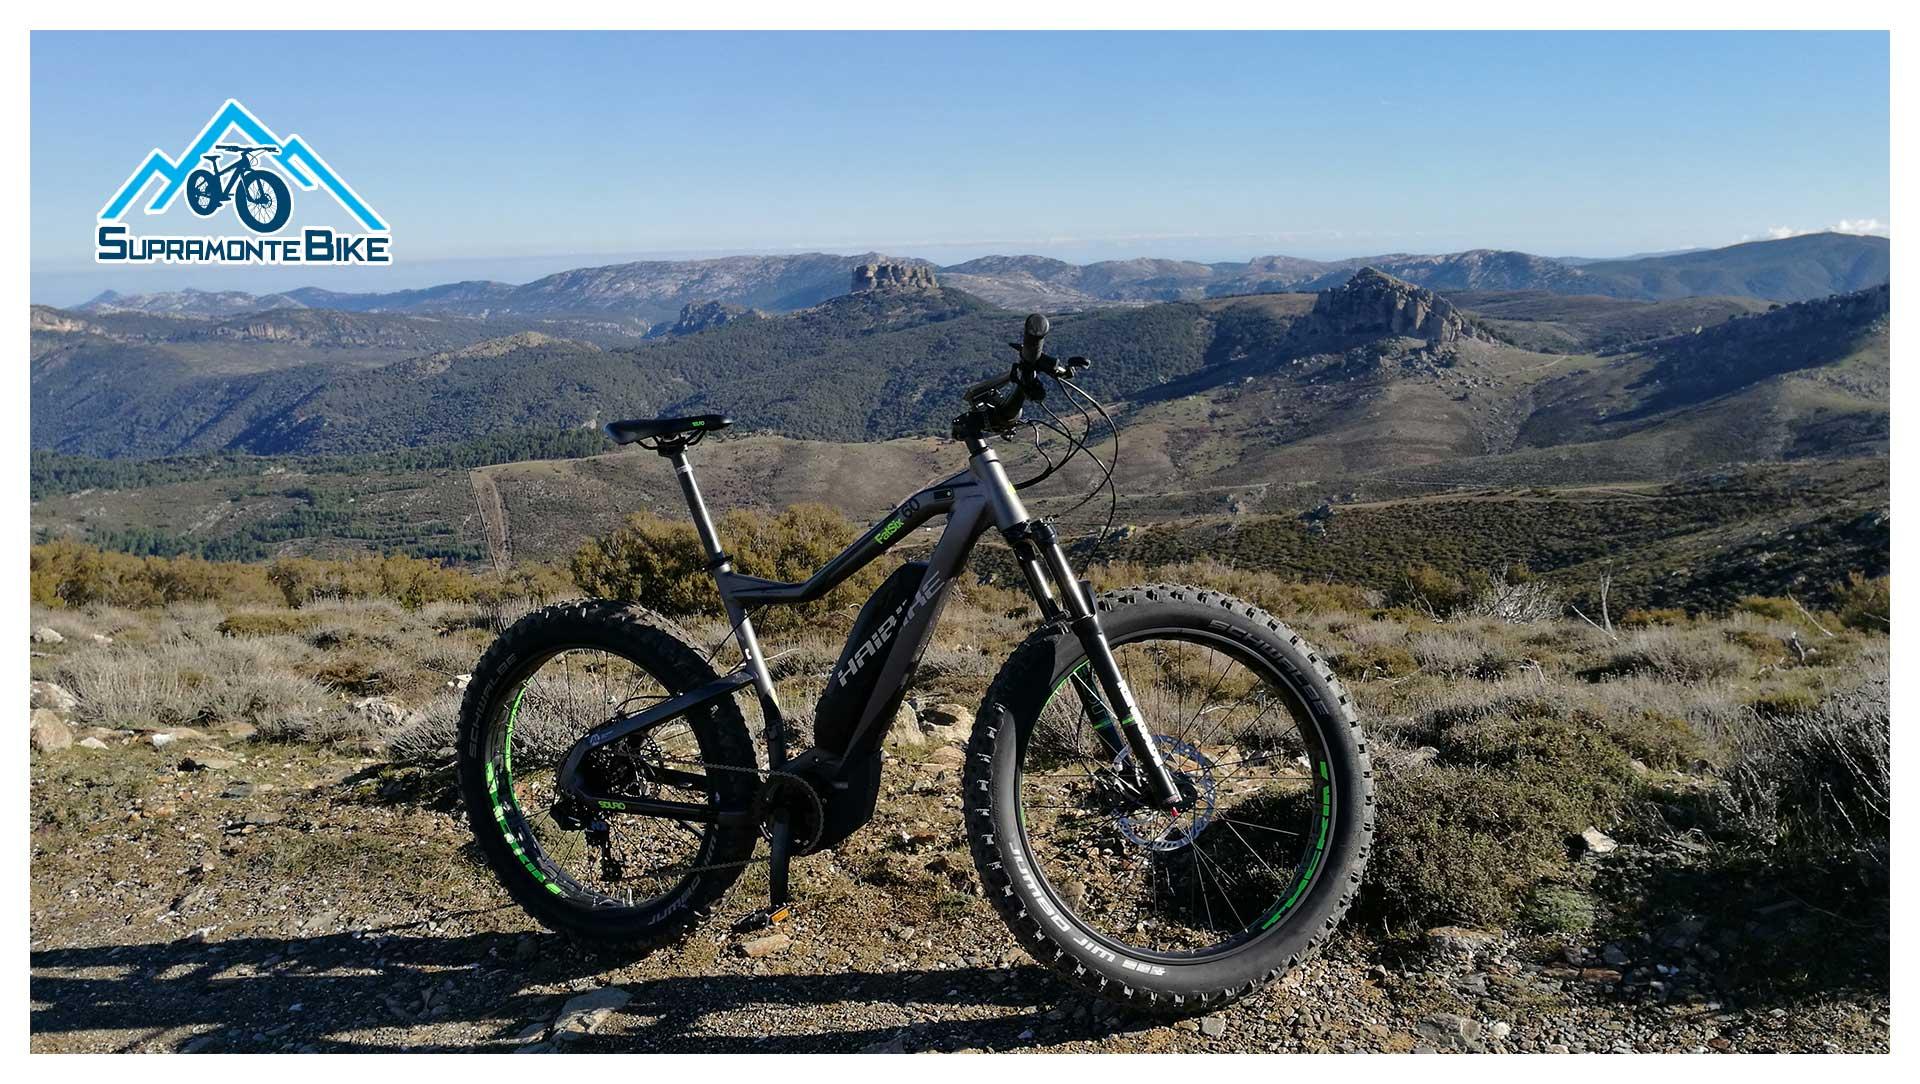 Una E-Bike del parco bici Supramonte Bike, con lo sfondo della Barbagia